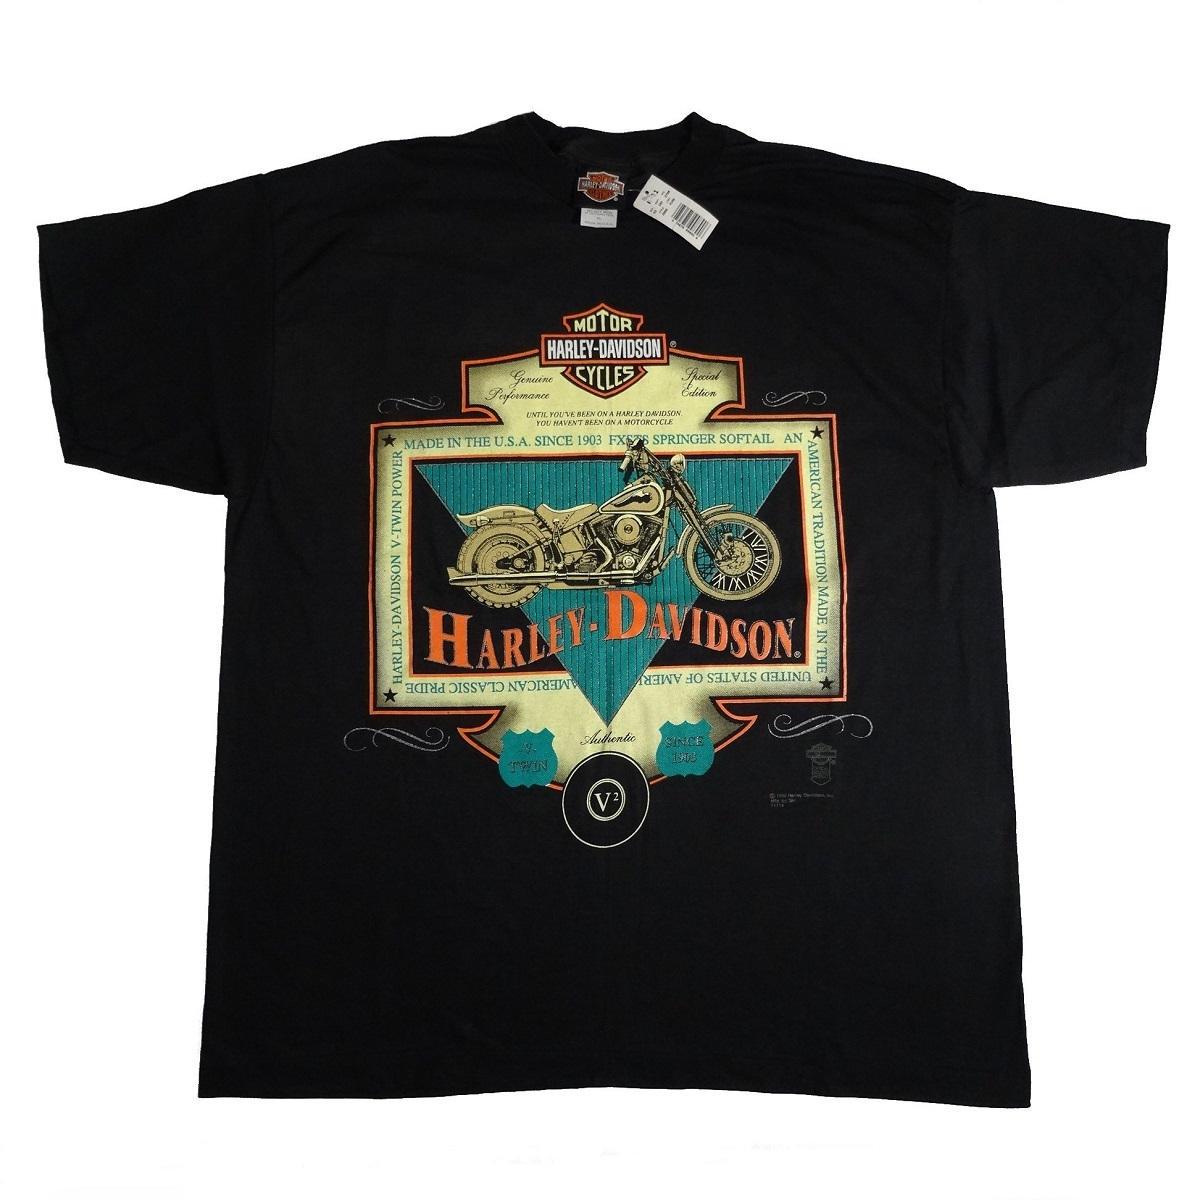 springer softail harley davidson vintage 90s t shirt front of shirt